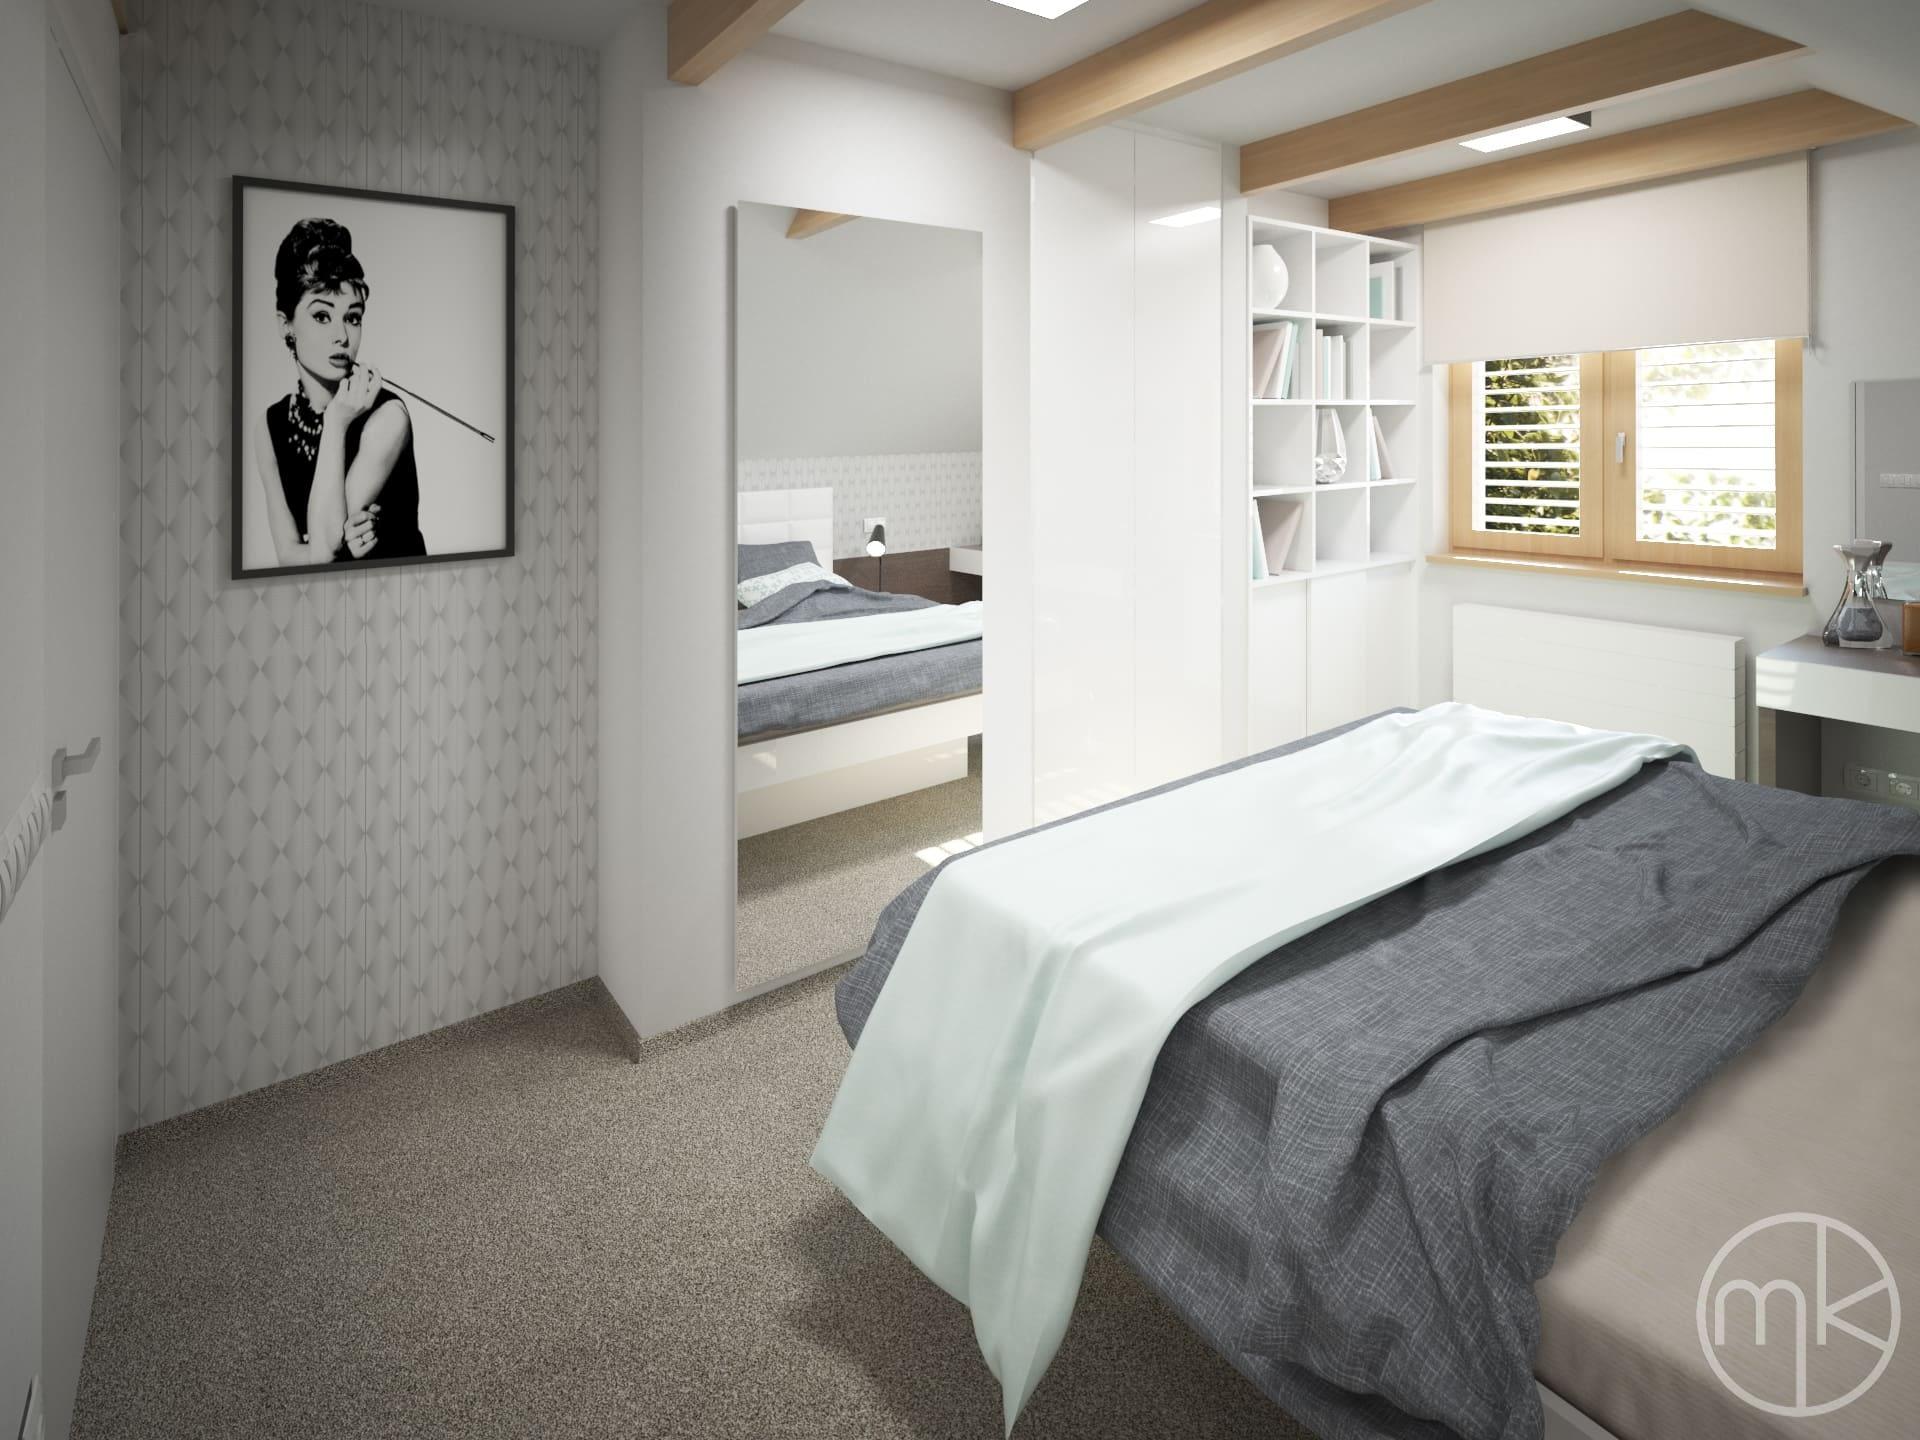 Stříbrná tapeta s obrazem v ložnici